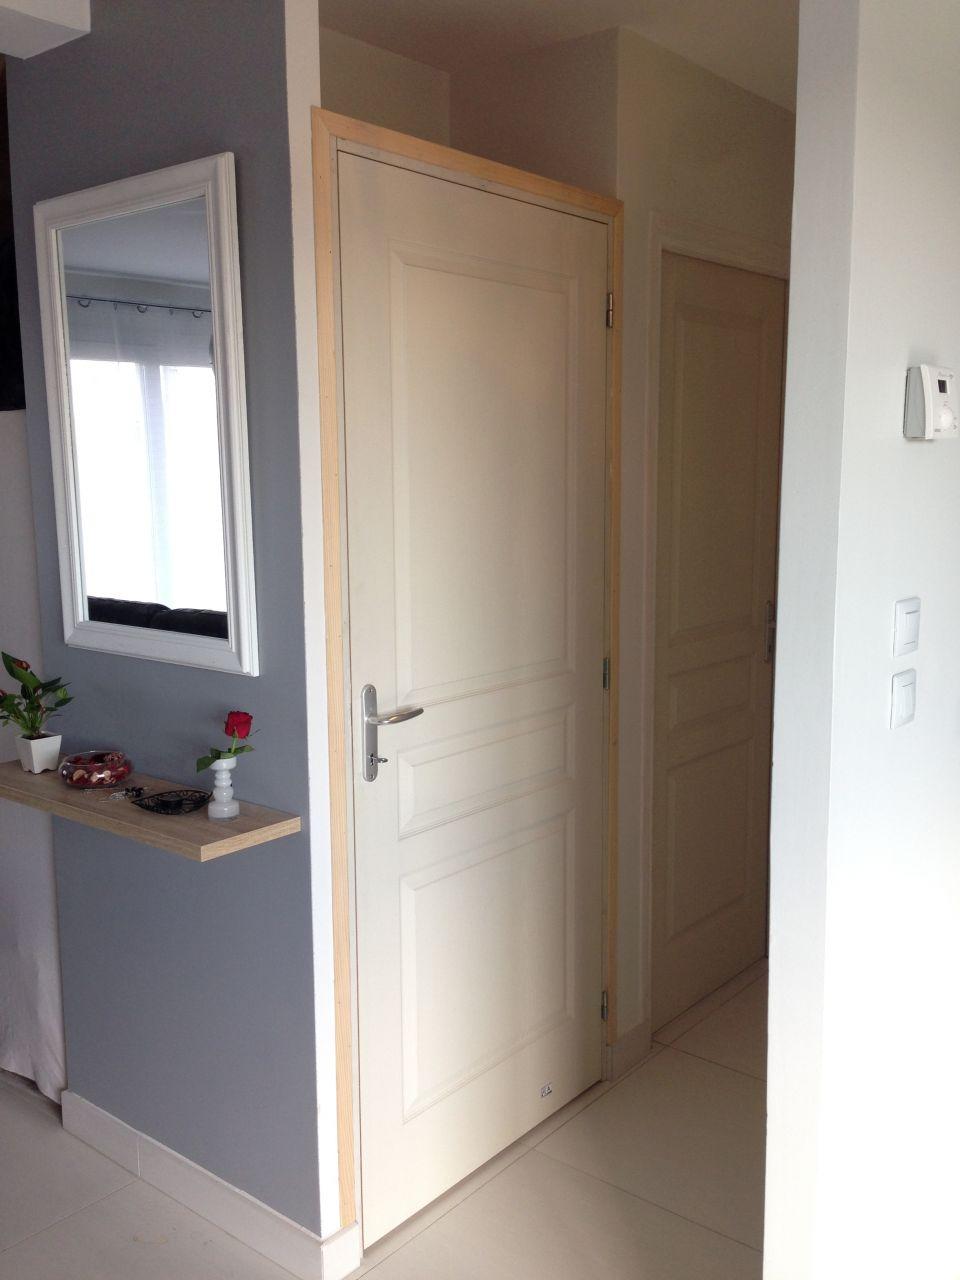 Porte de service vitr e et ajout d 39 une porte de placard ligueil indre e - Peindre une porte de garage ...